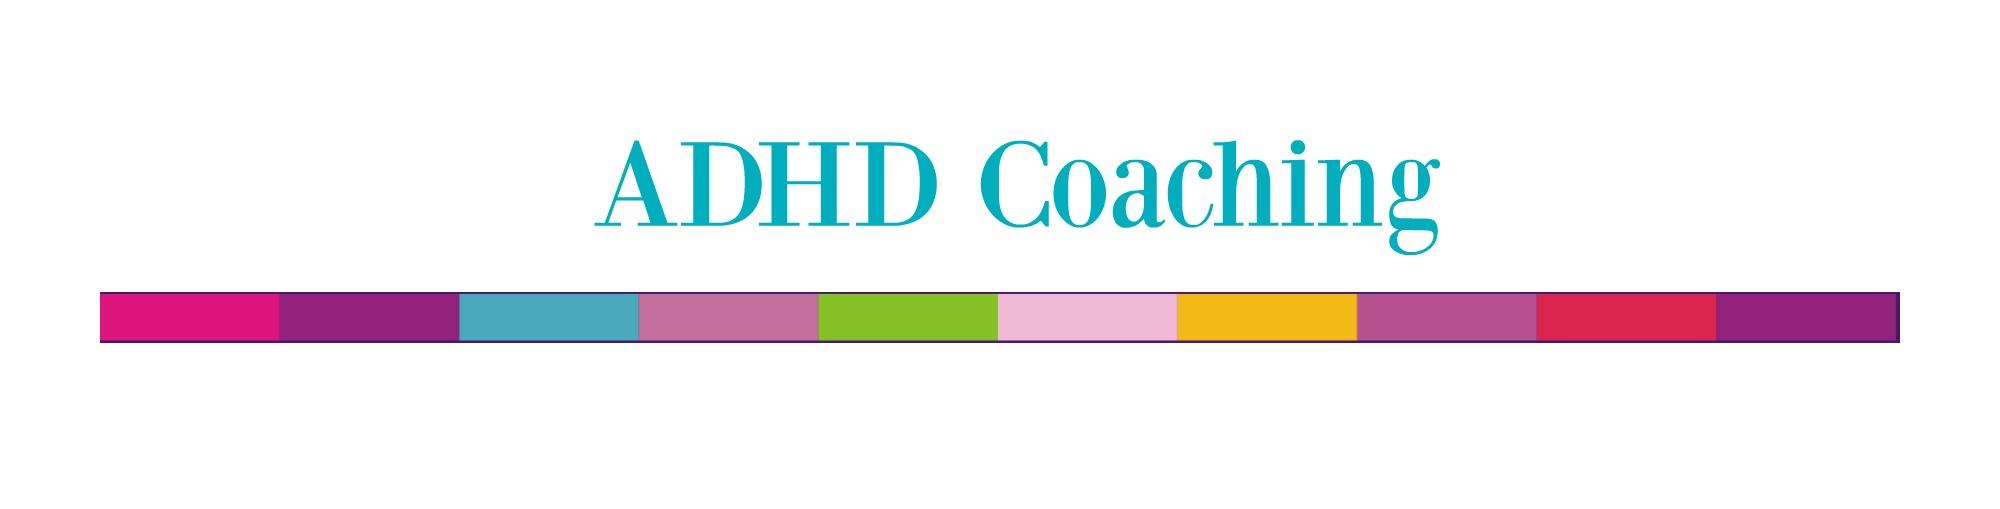 adhd-coaching